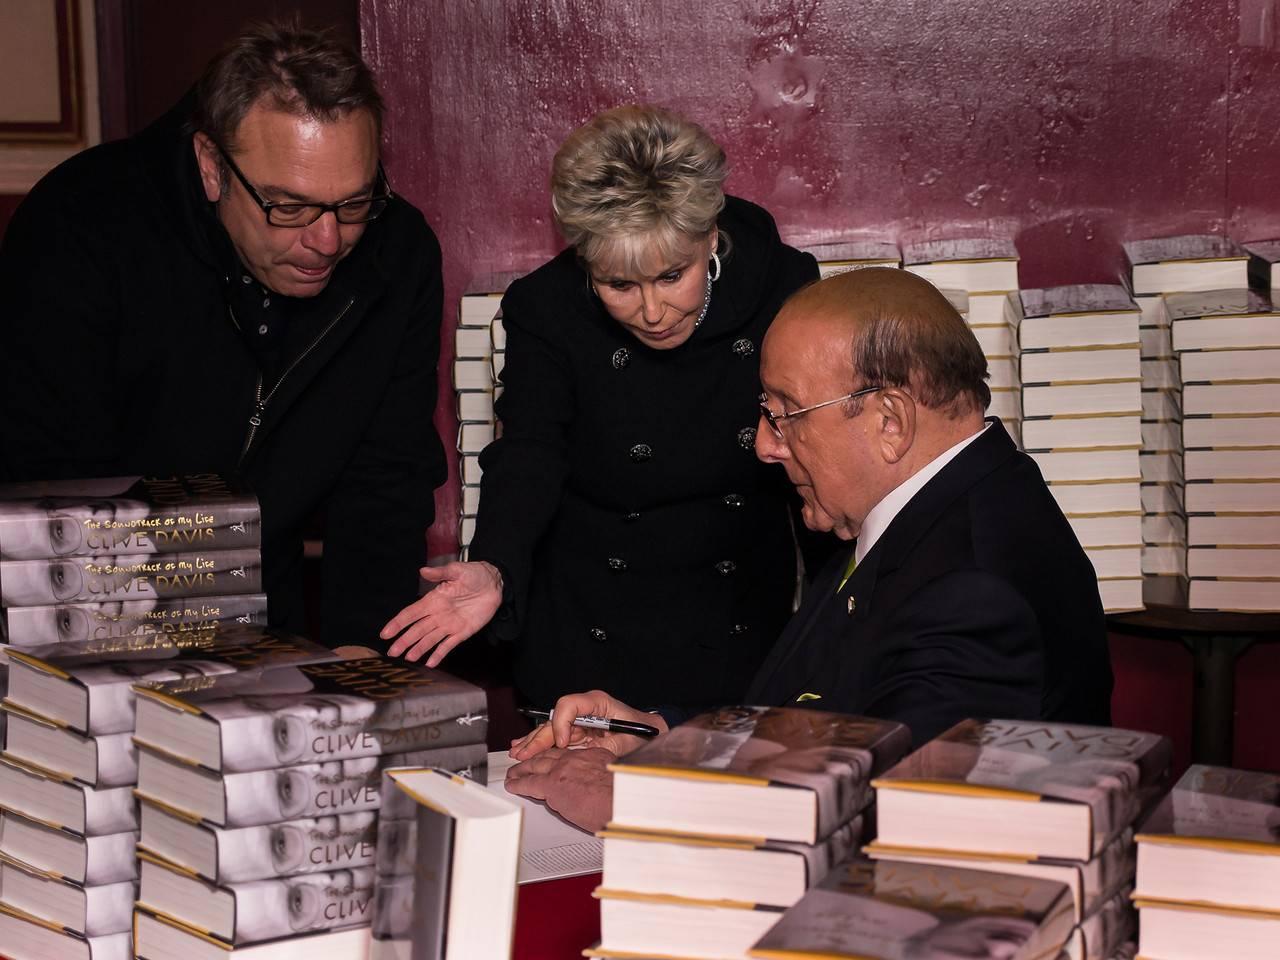 Stanley Gatti_Jo Schuman Silver and Clive